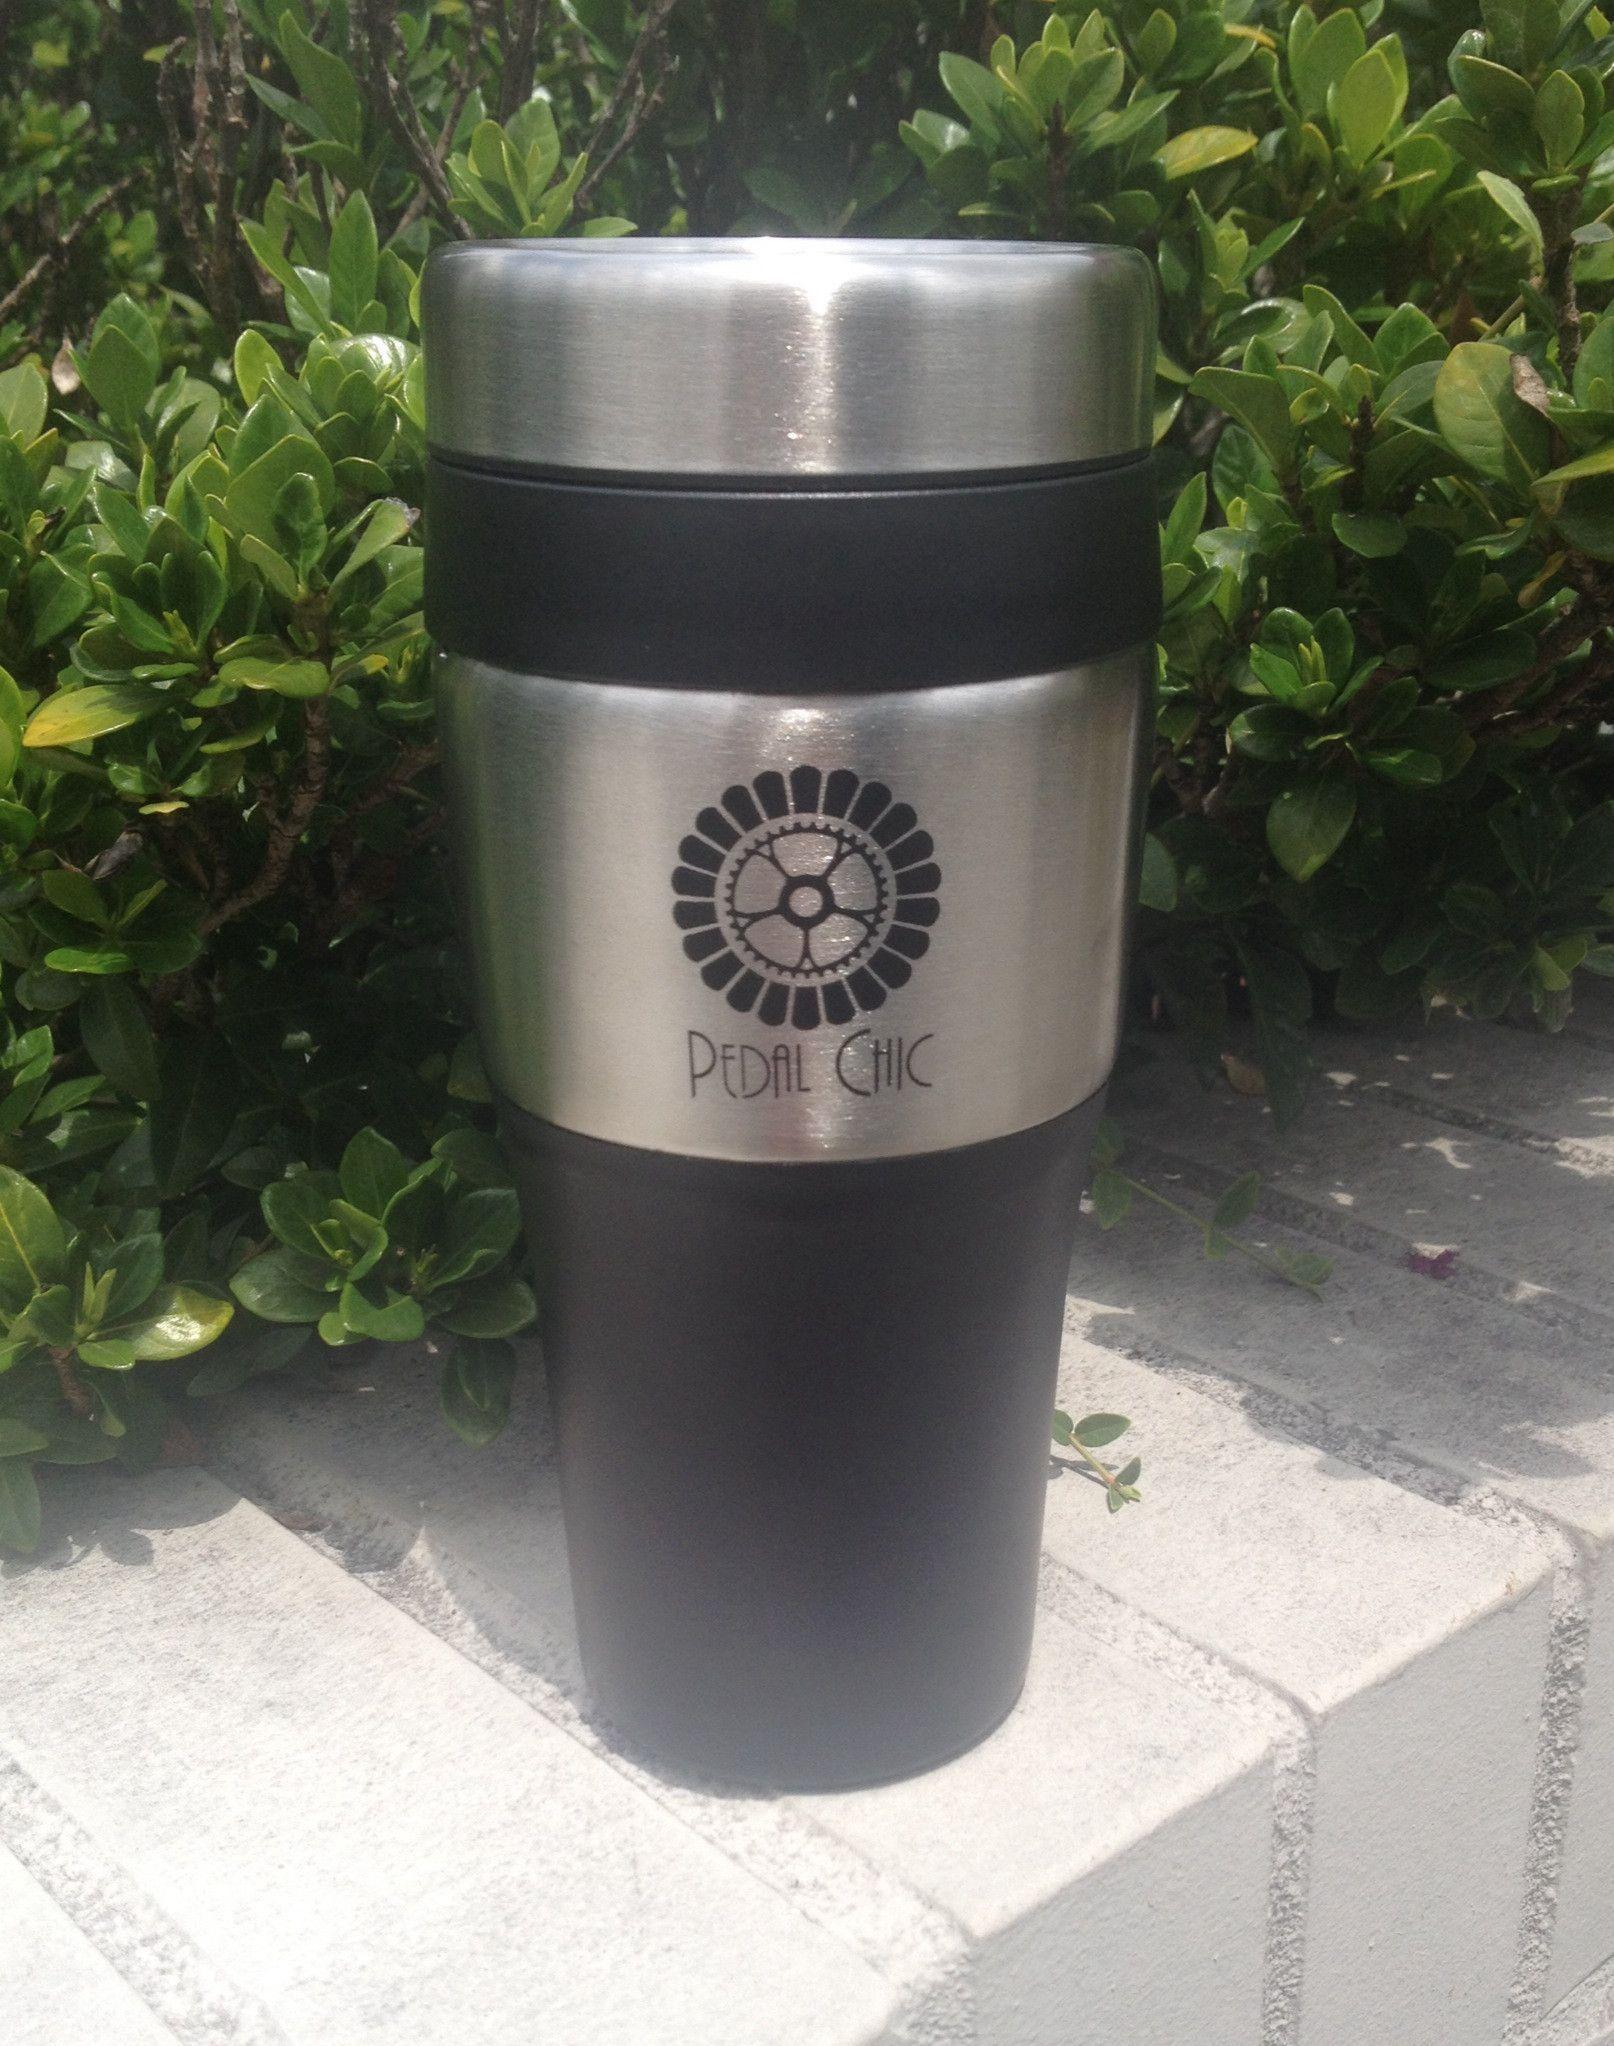 Pedal Chic Coffee Mug